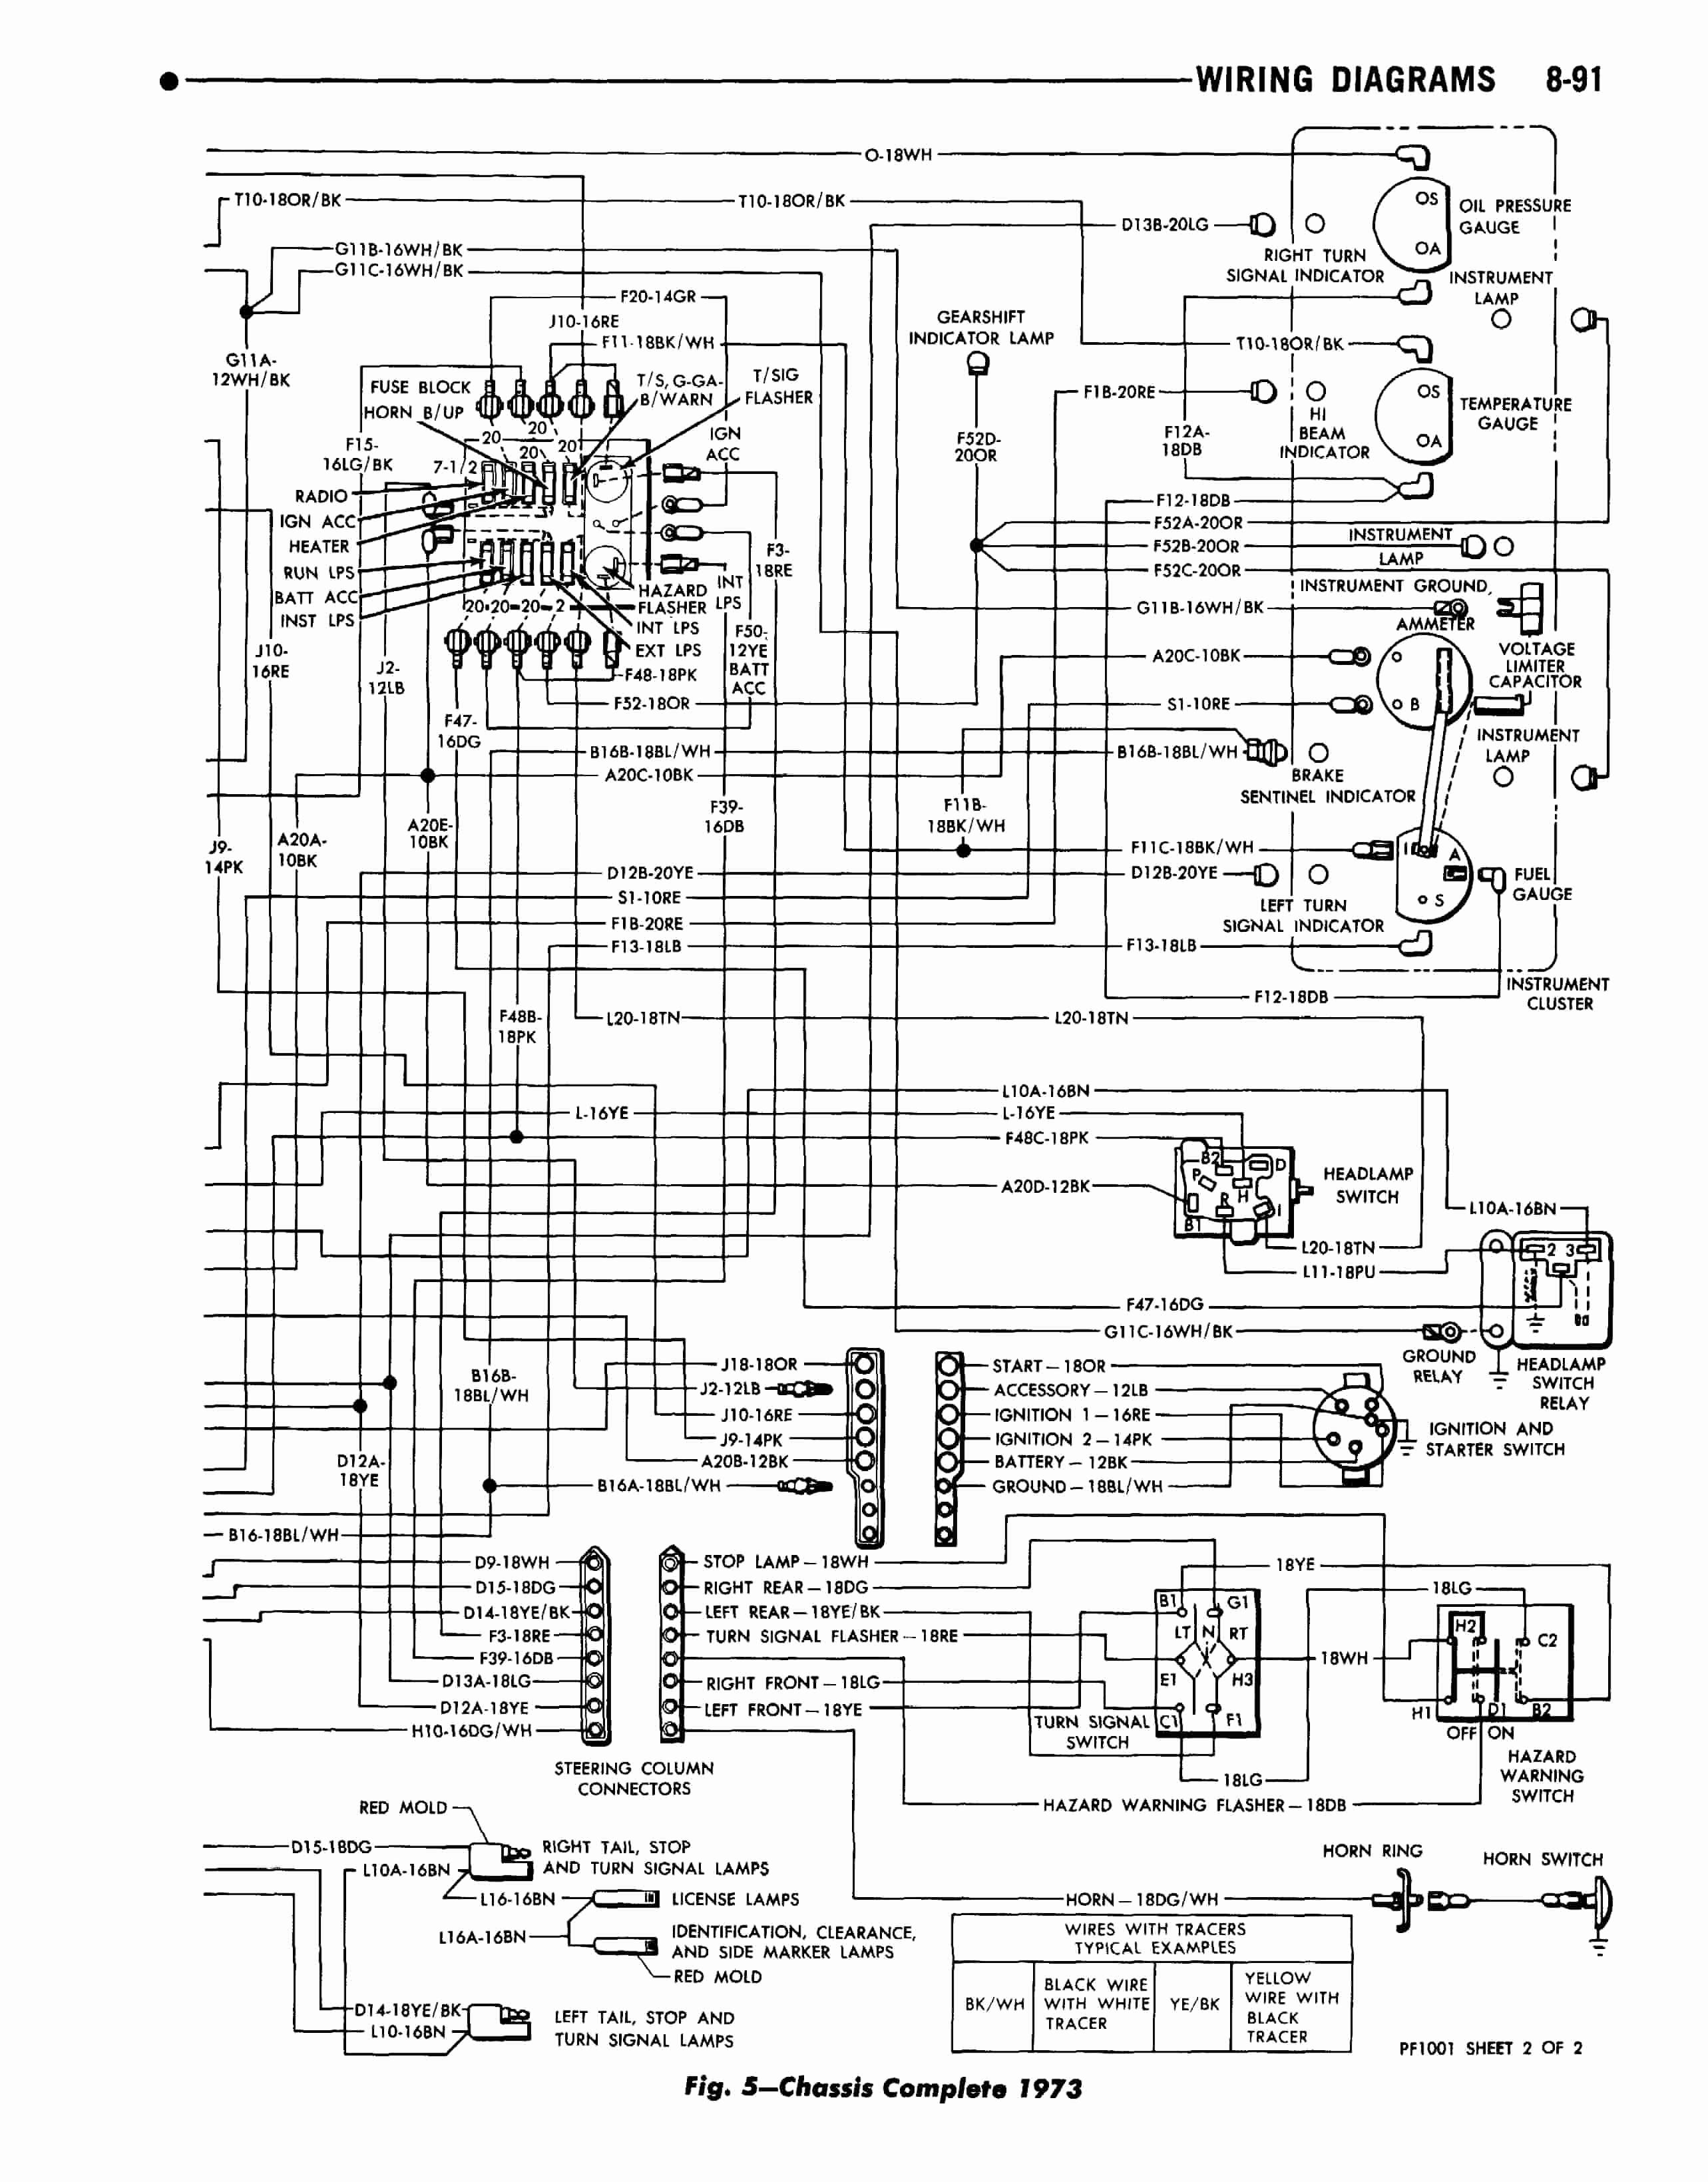 Keystone Rv Wiring Diagram | Manual E-Books - Keystone Rv Wiring Diagram